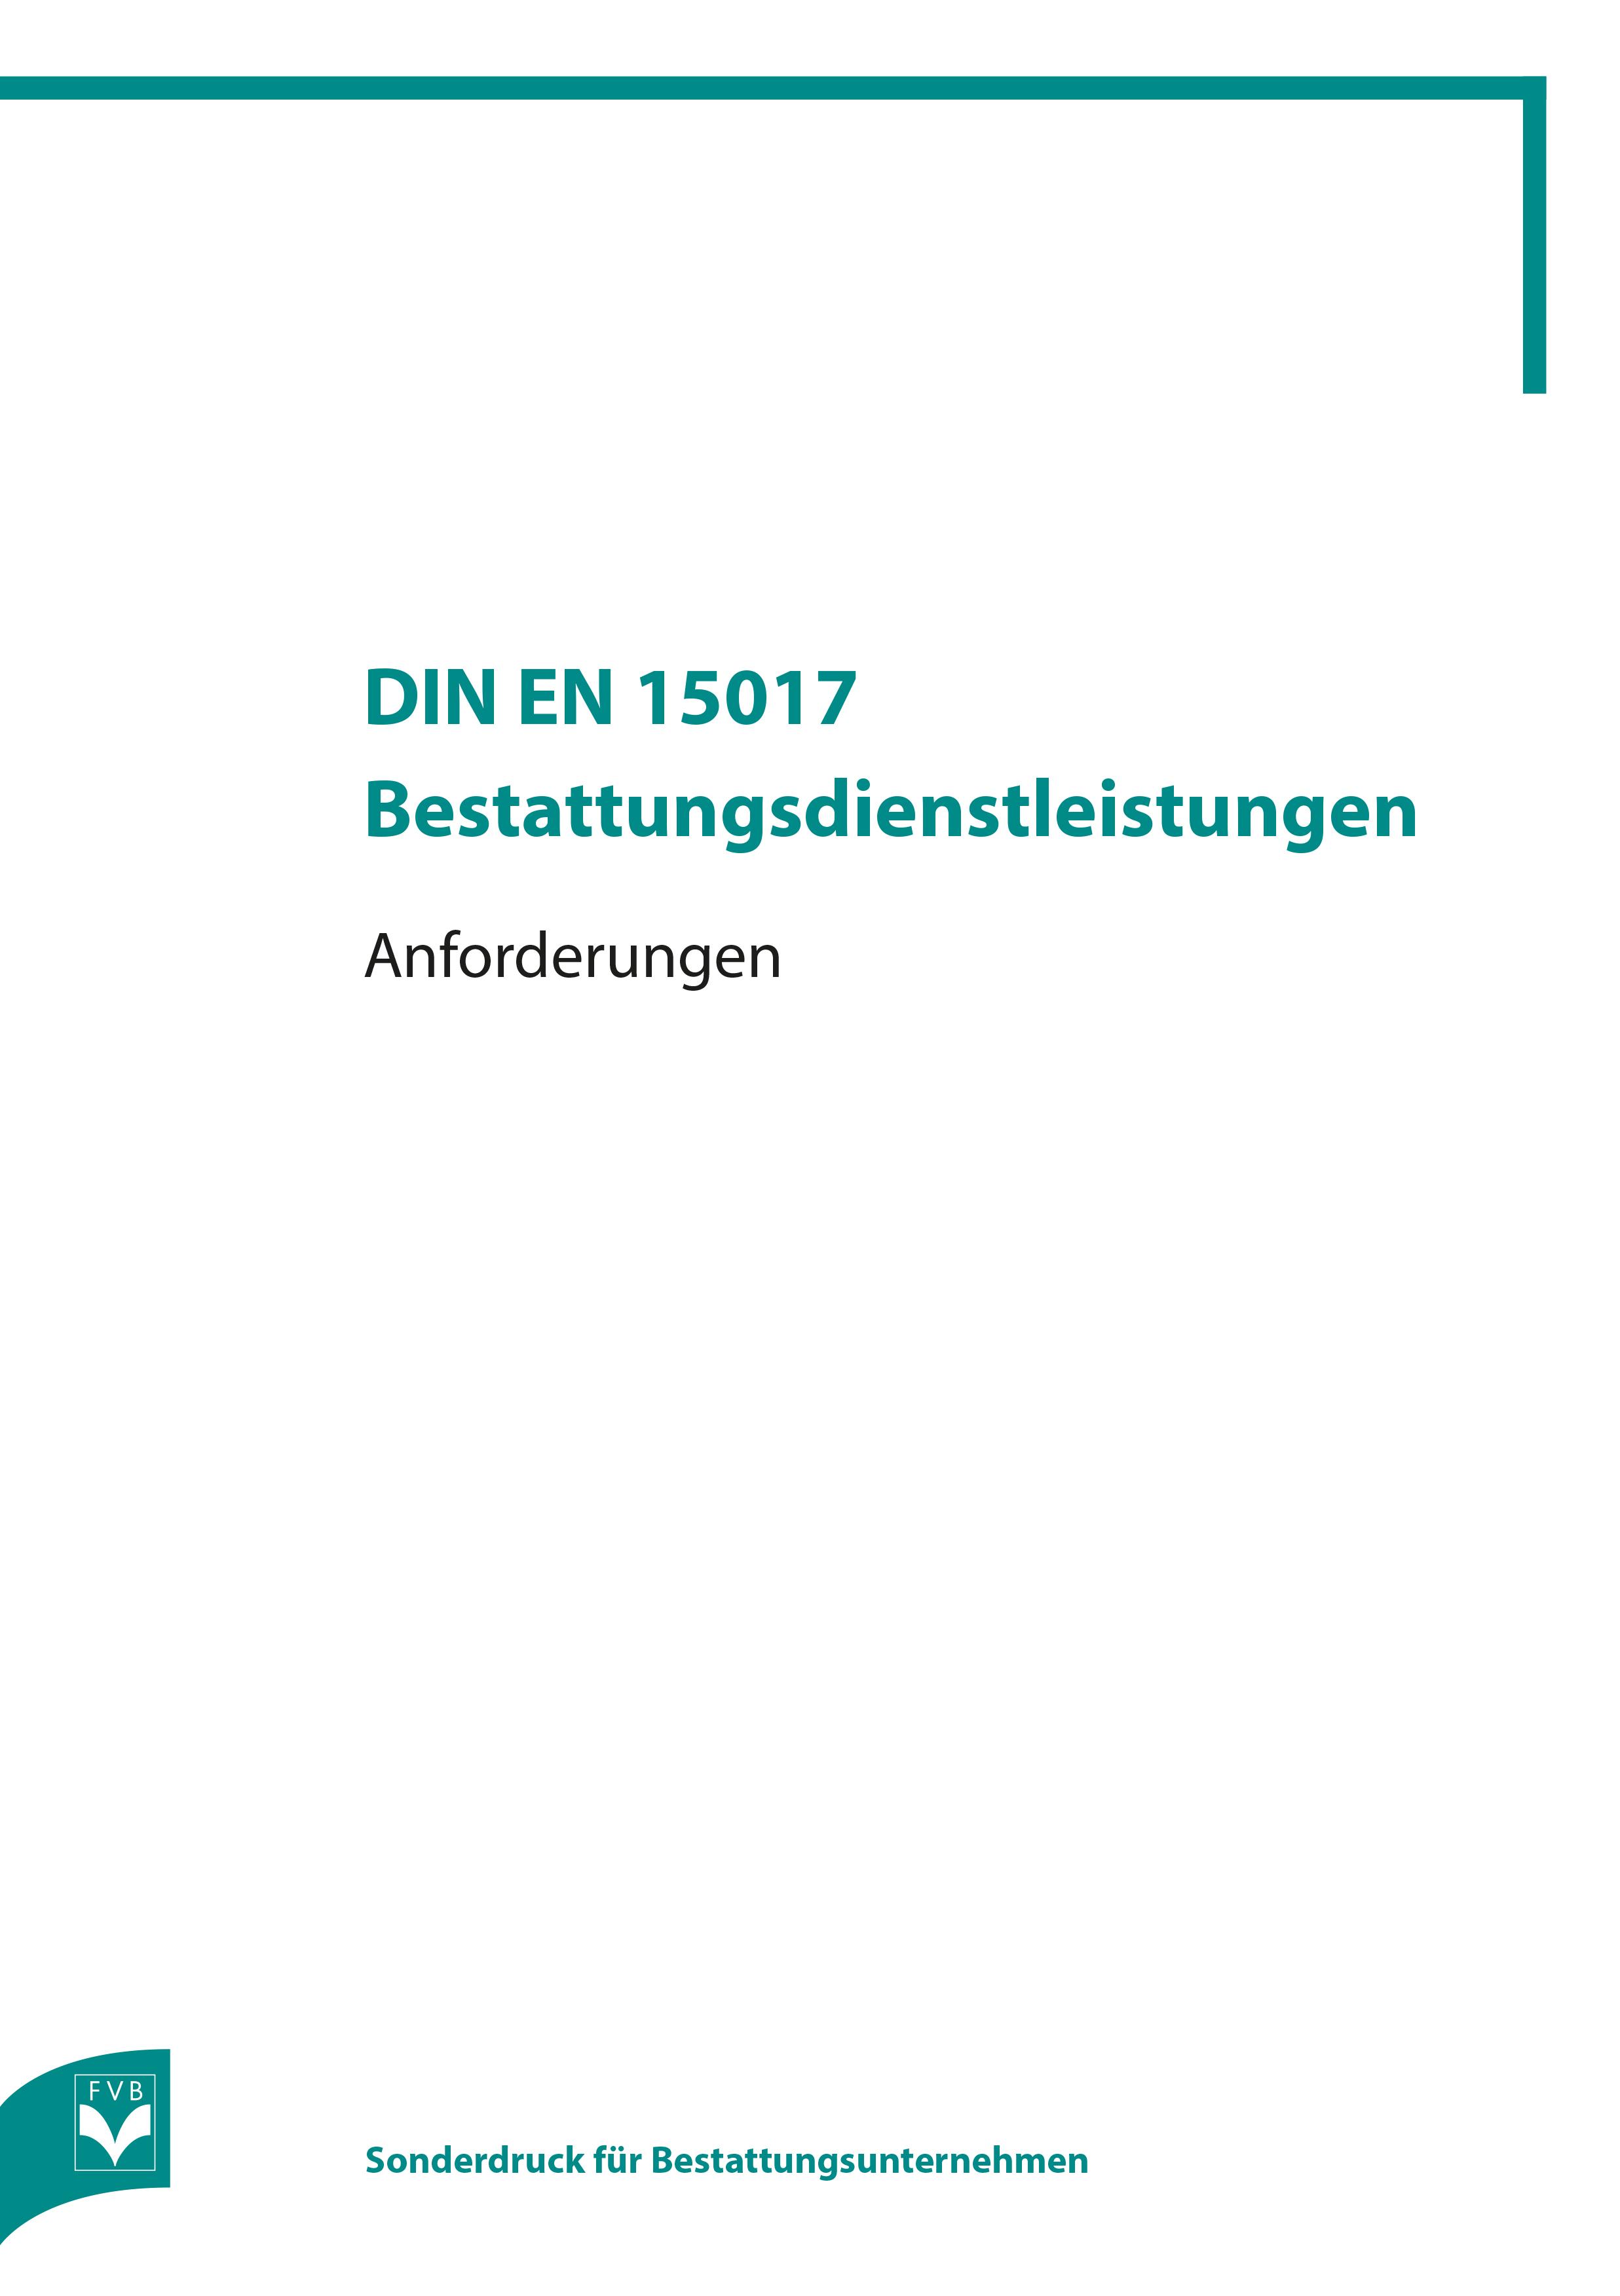 DIN EN 15017 - Bestattungs-dienstleistungen - Anforderungen (Neue Ausgabe 2019)